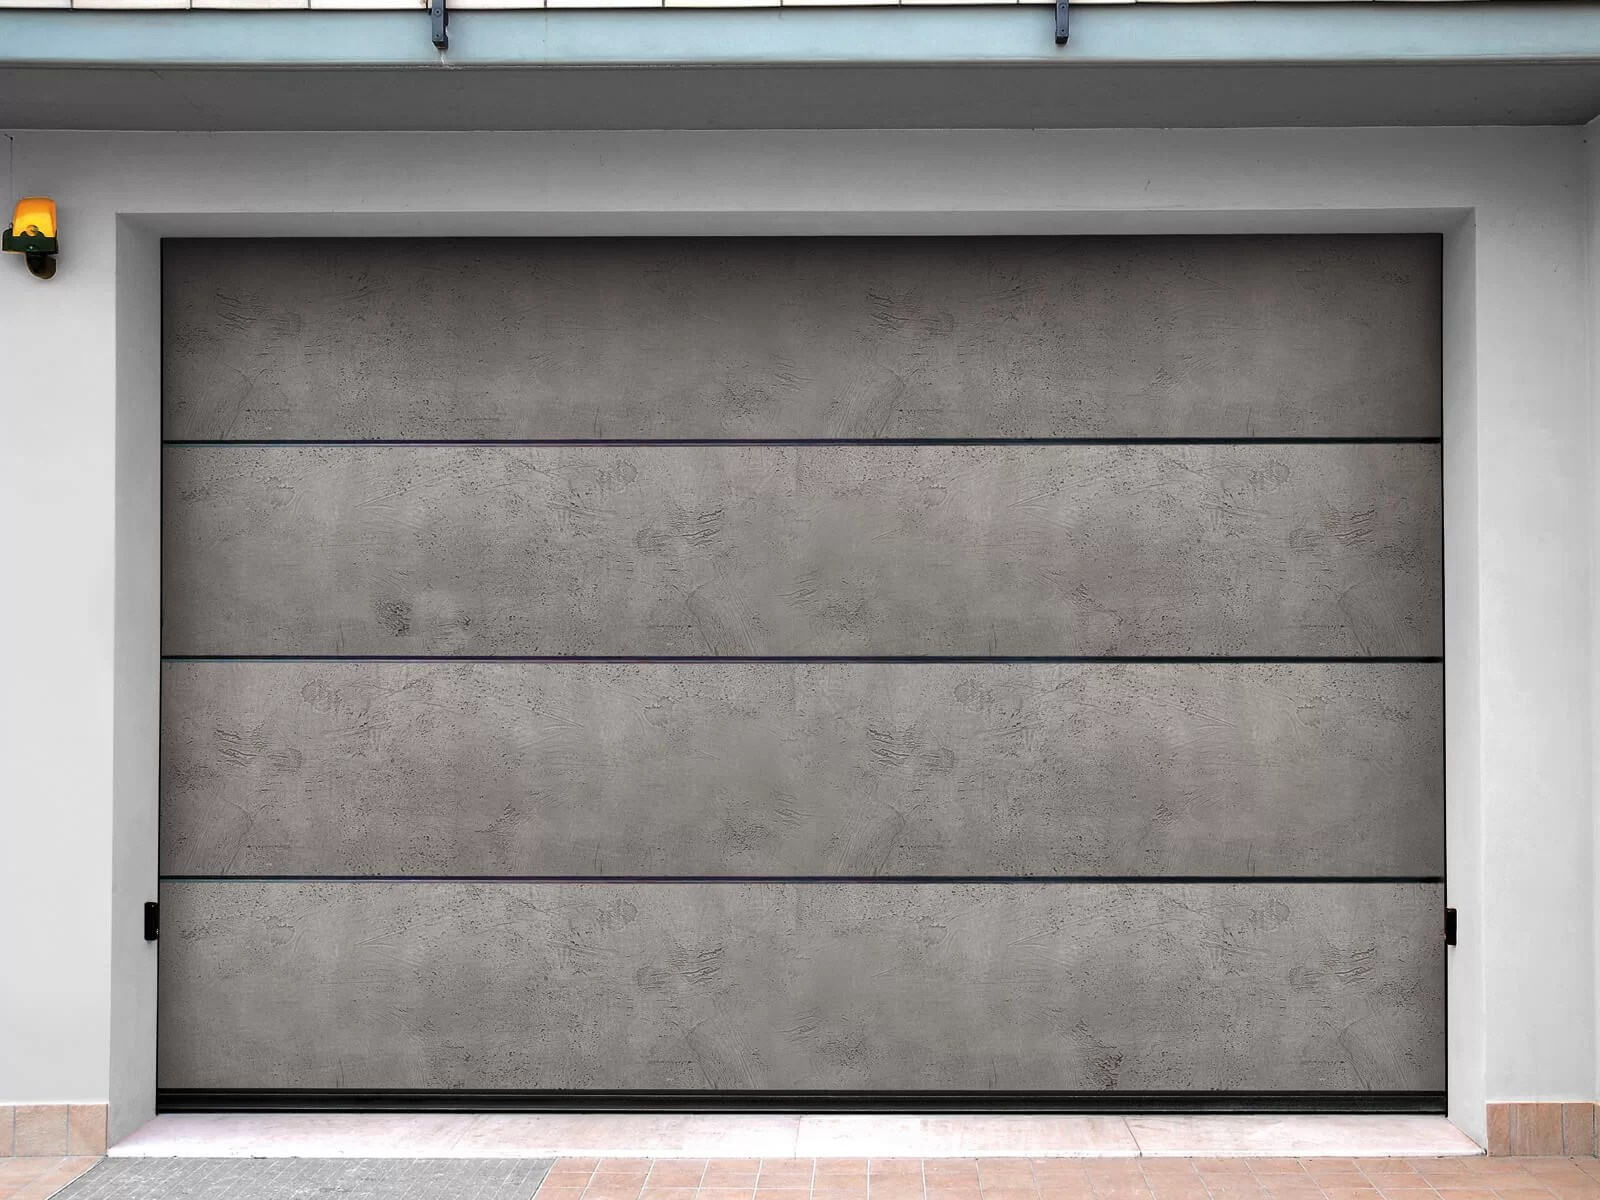 Portone di design Le Perle SANDSTONE JEWELS - Cemento Flex Rude